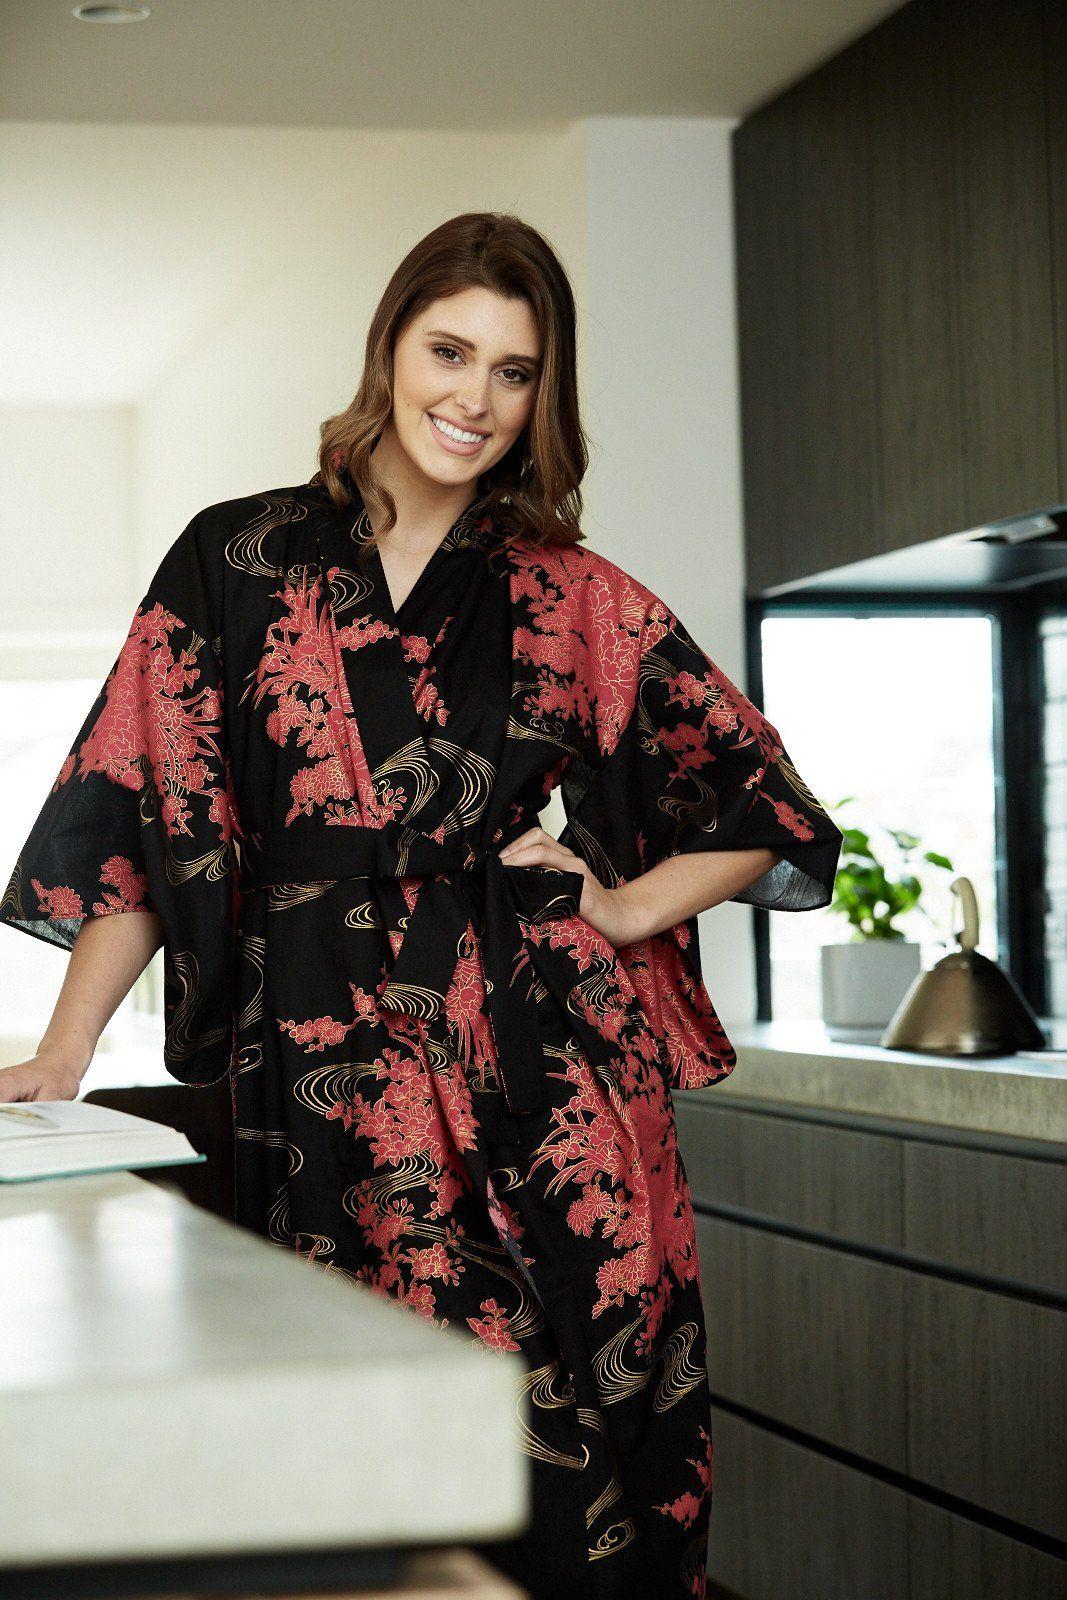 Flowing Womens Plus Size Cotton Kimono Robe Womens Kimonos